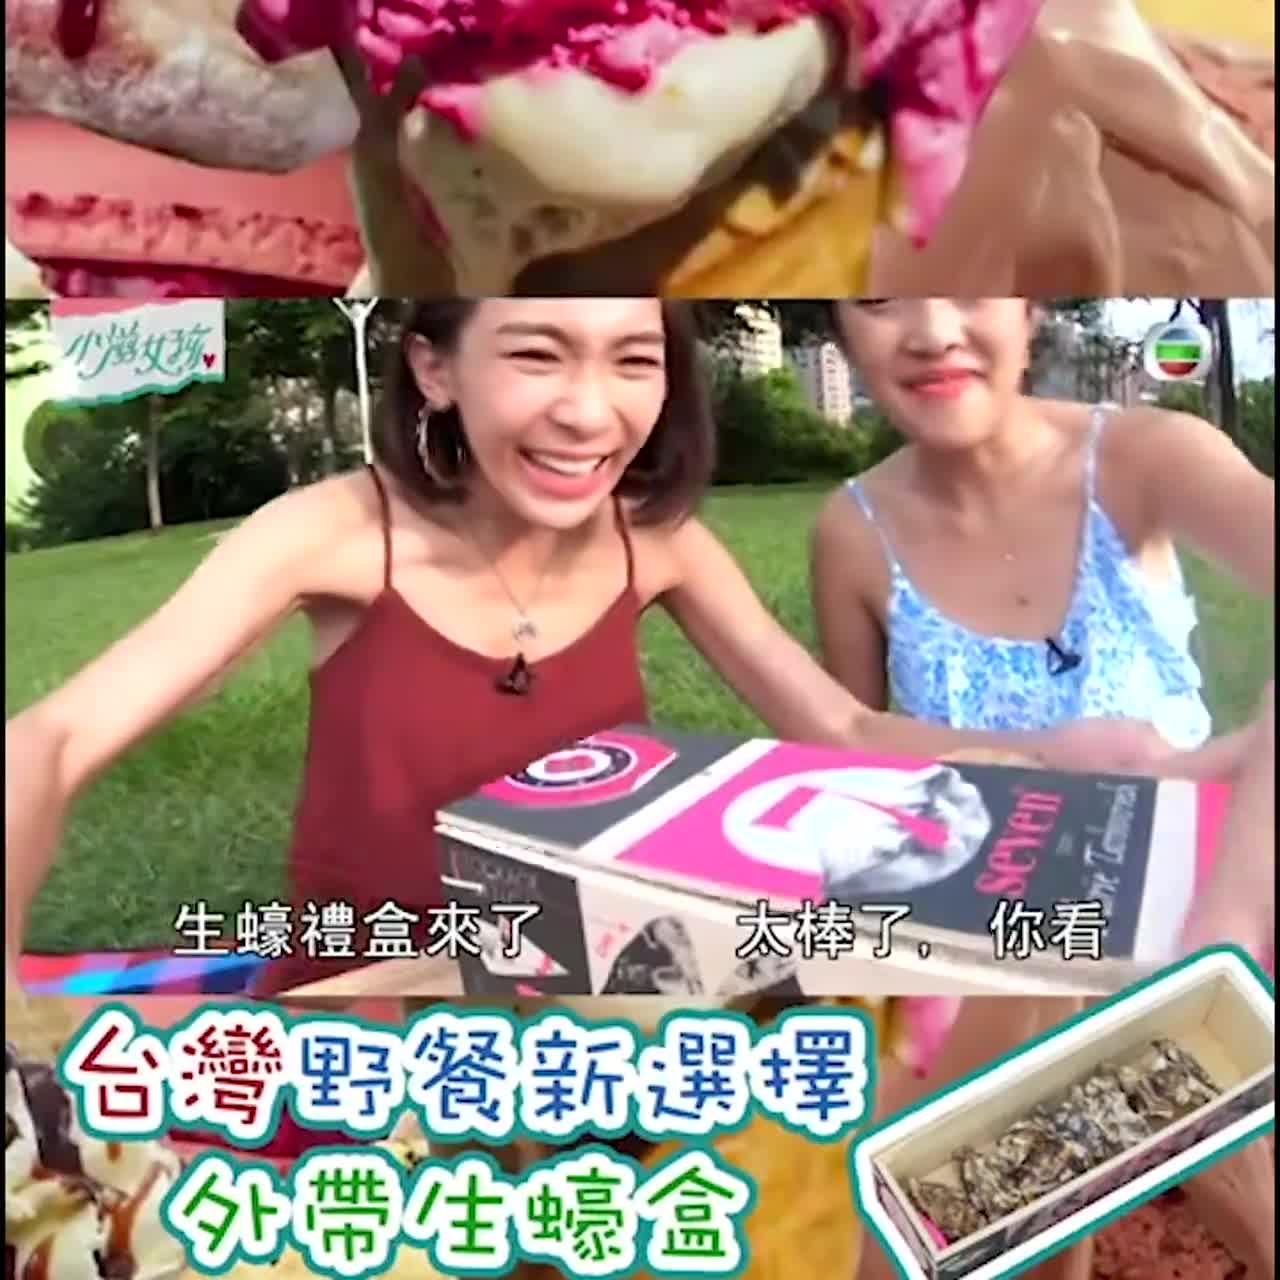 台灣野餐新選擇:外帶生蠔盒